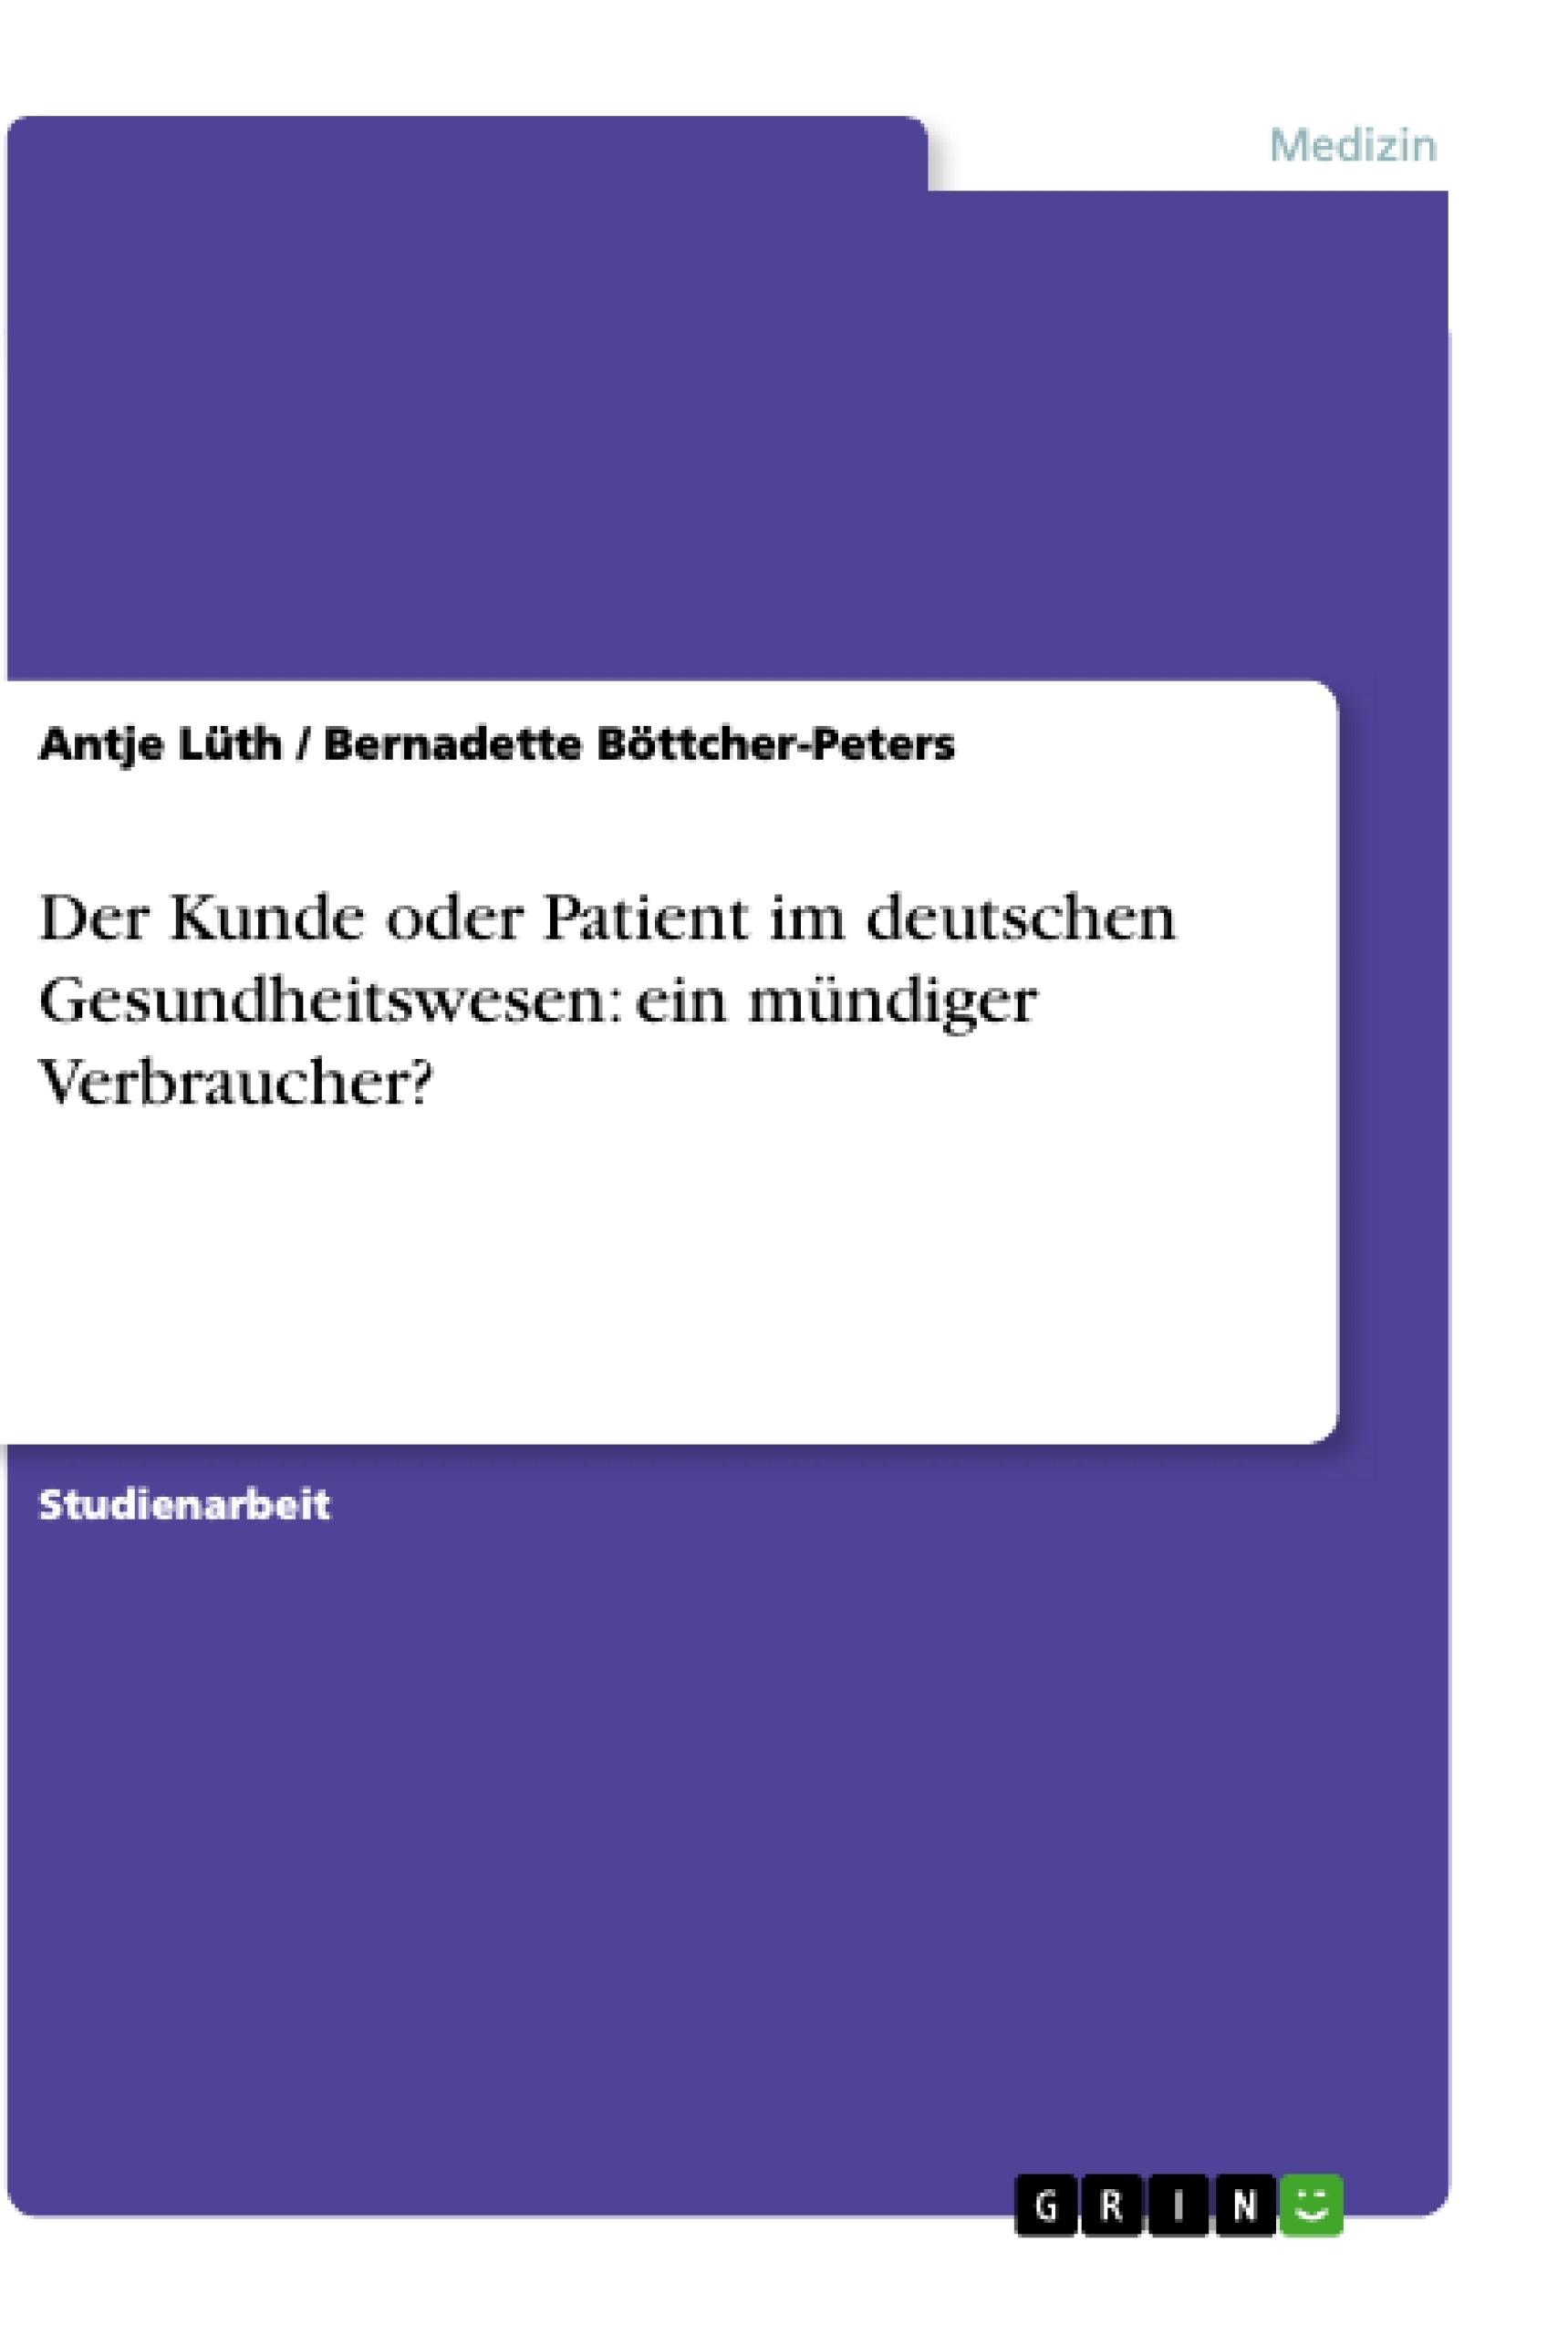 Titel: Der Kunde oder Patient im deutschen Gesundheitswesen: ein mündiger Verbraucher?